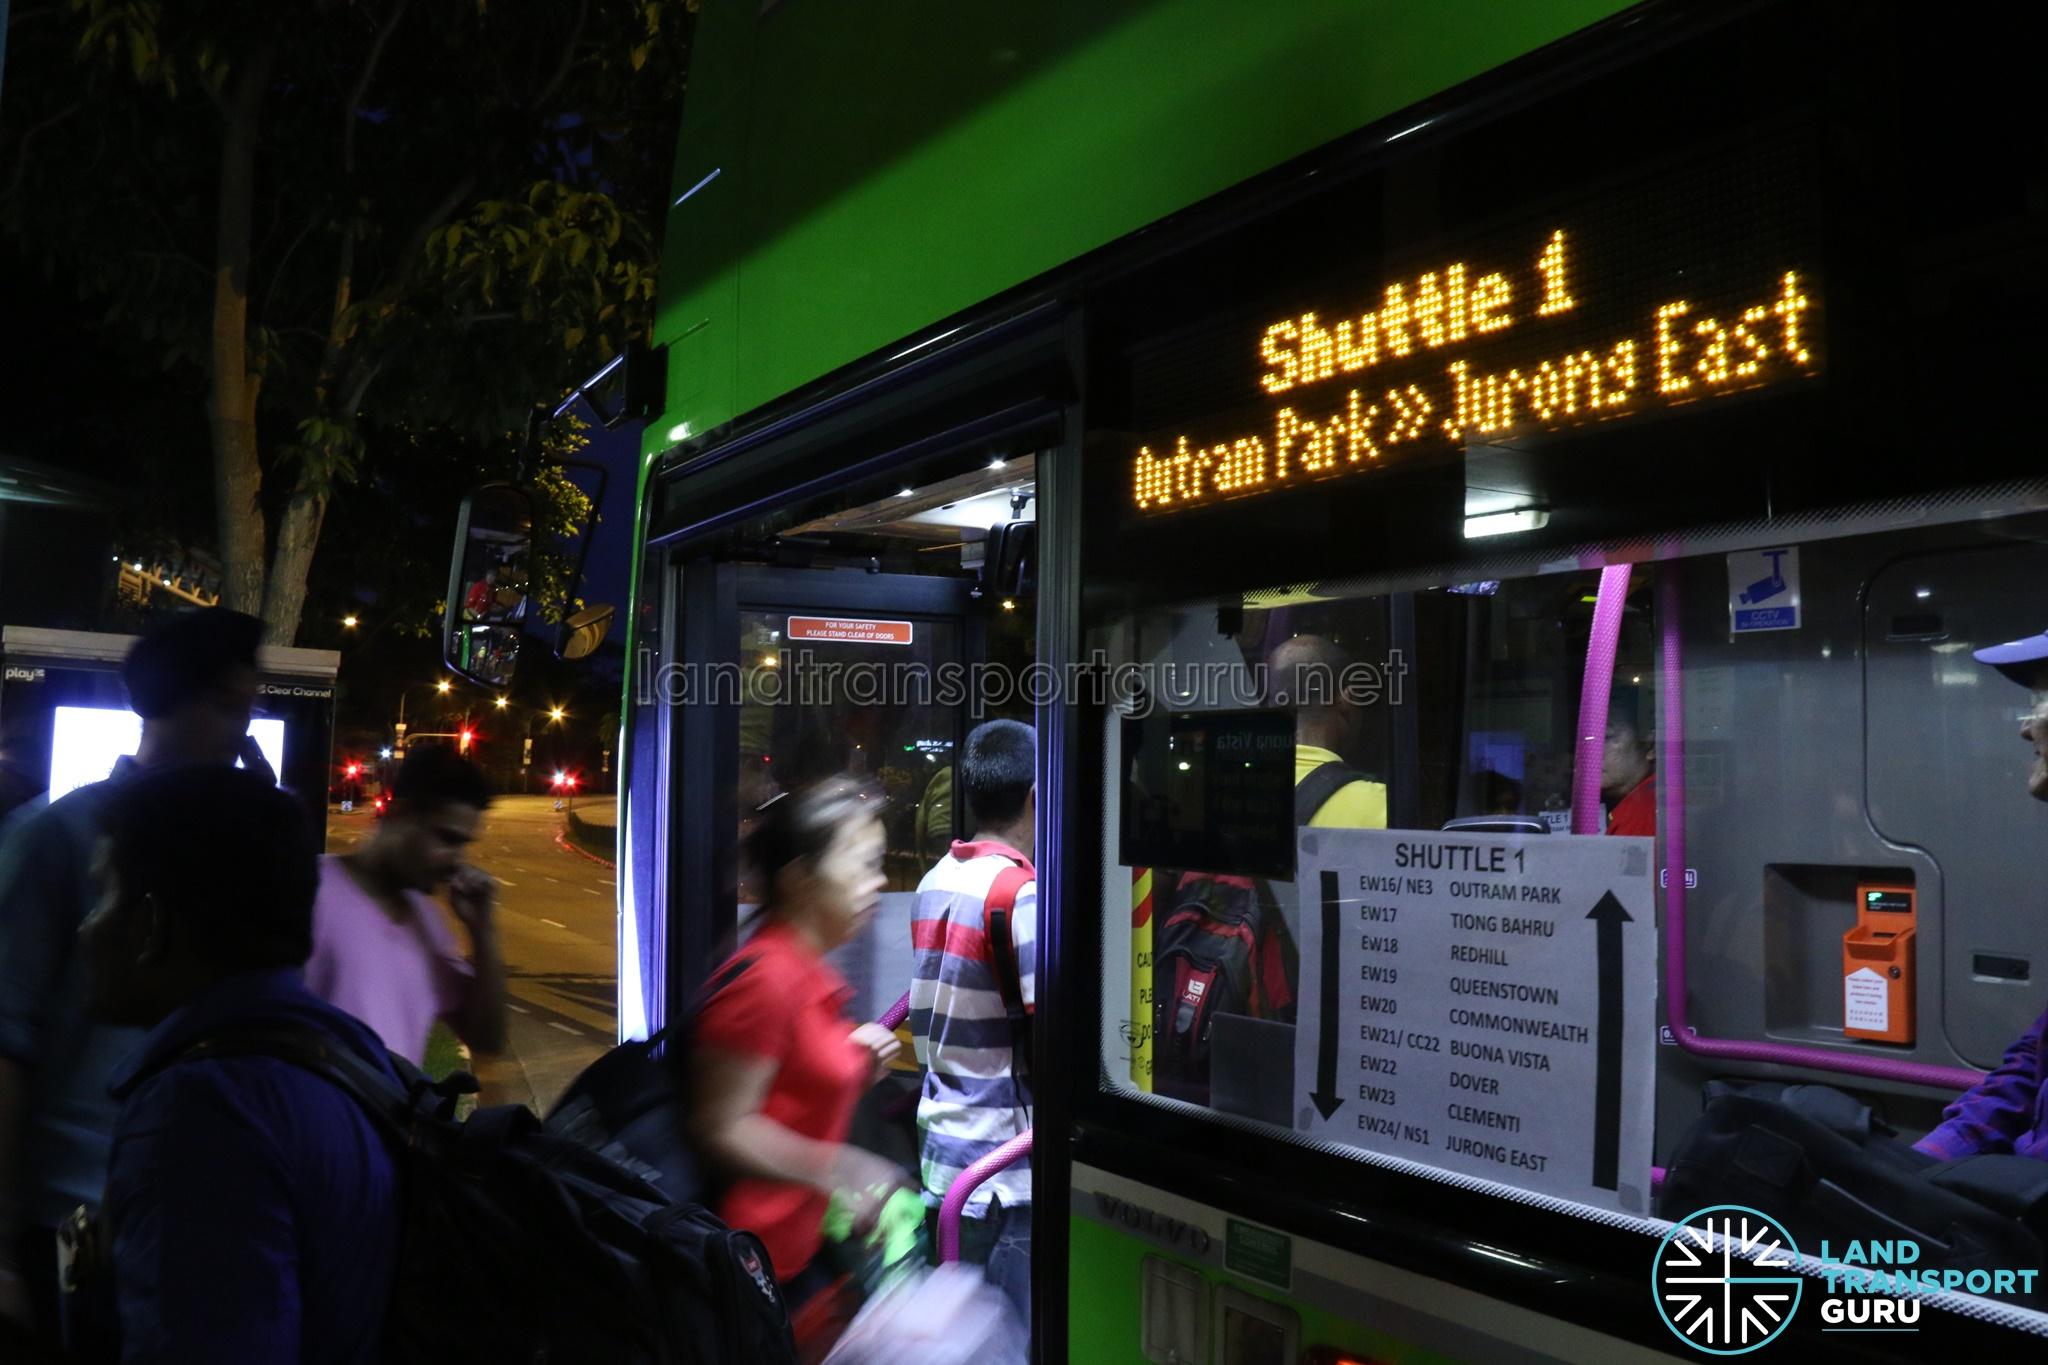 Shuttle 1: Outram Park - Jurong East